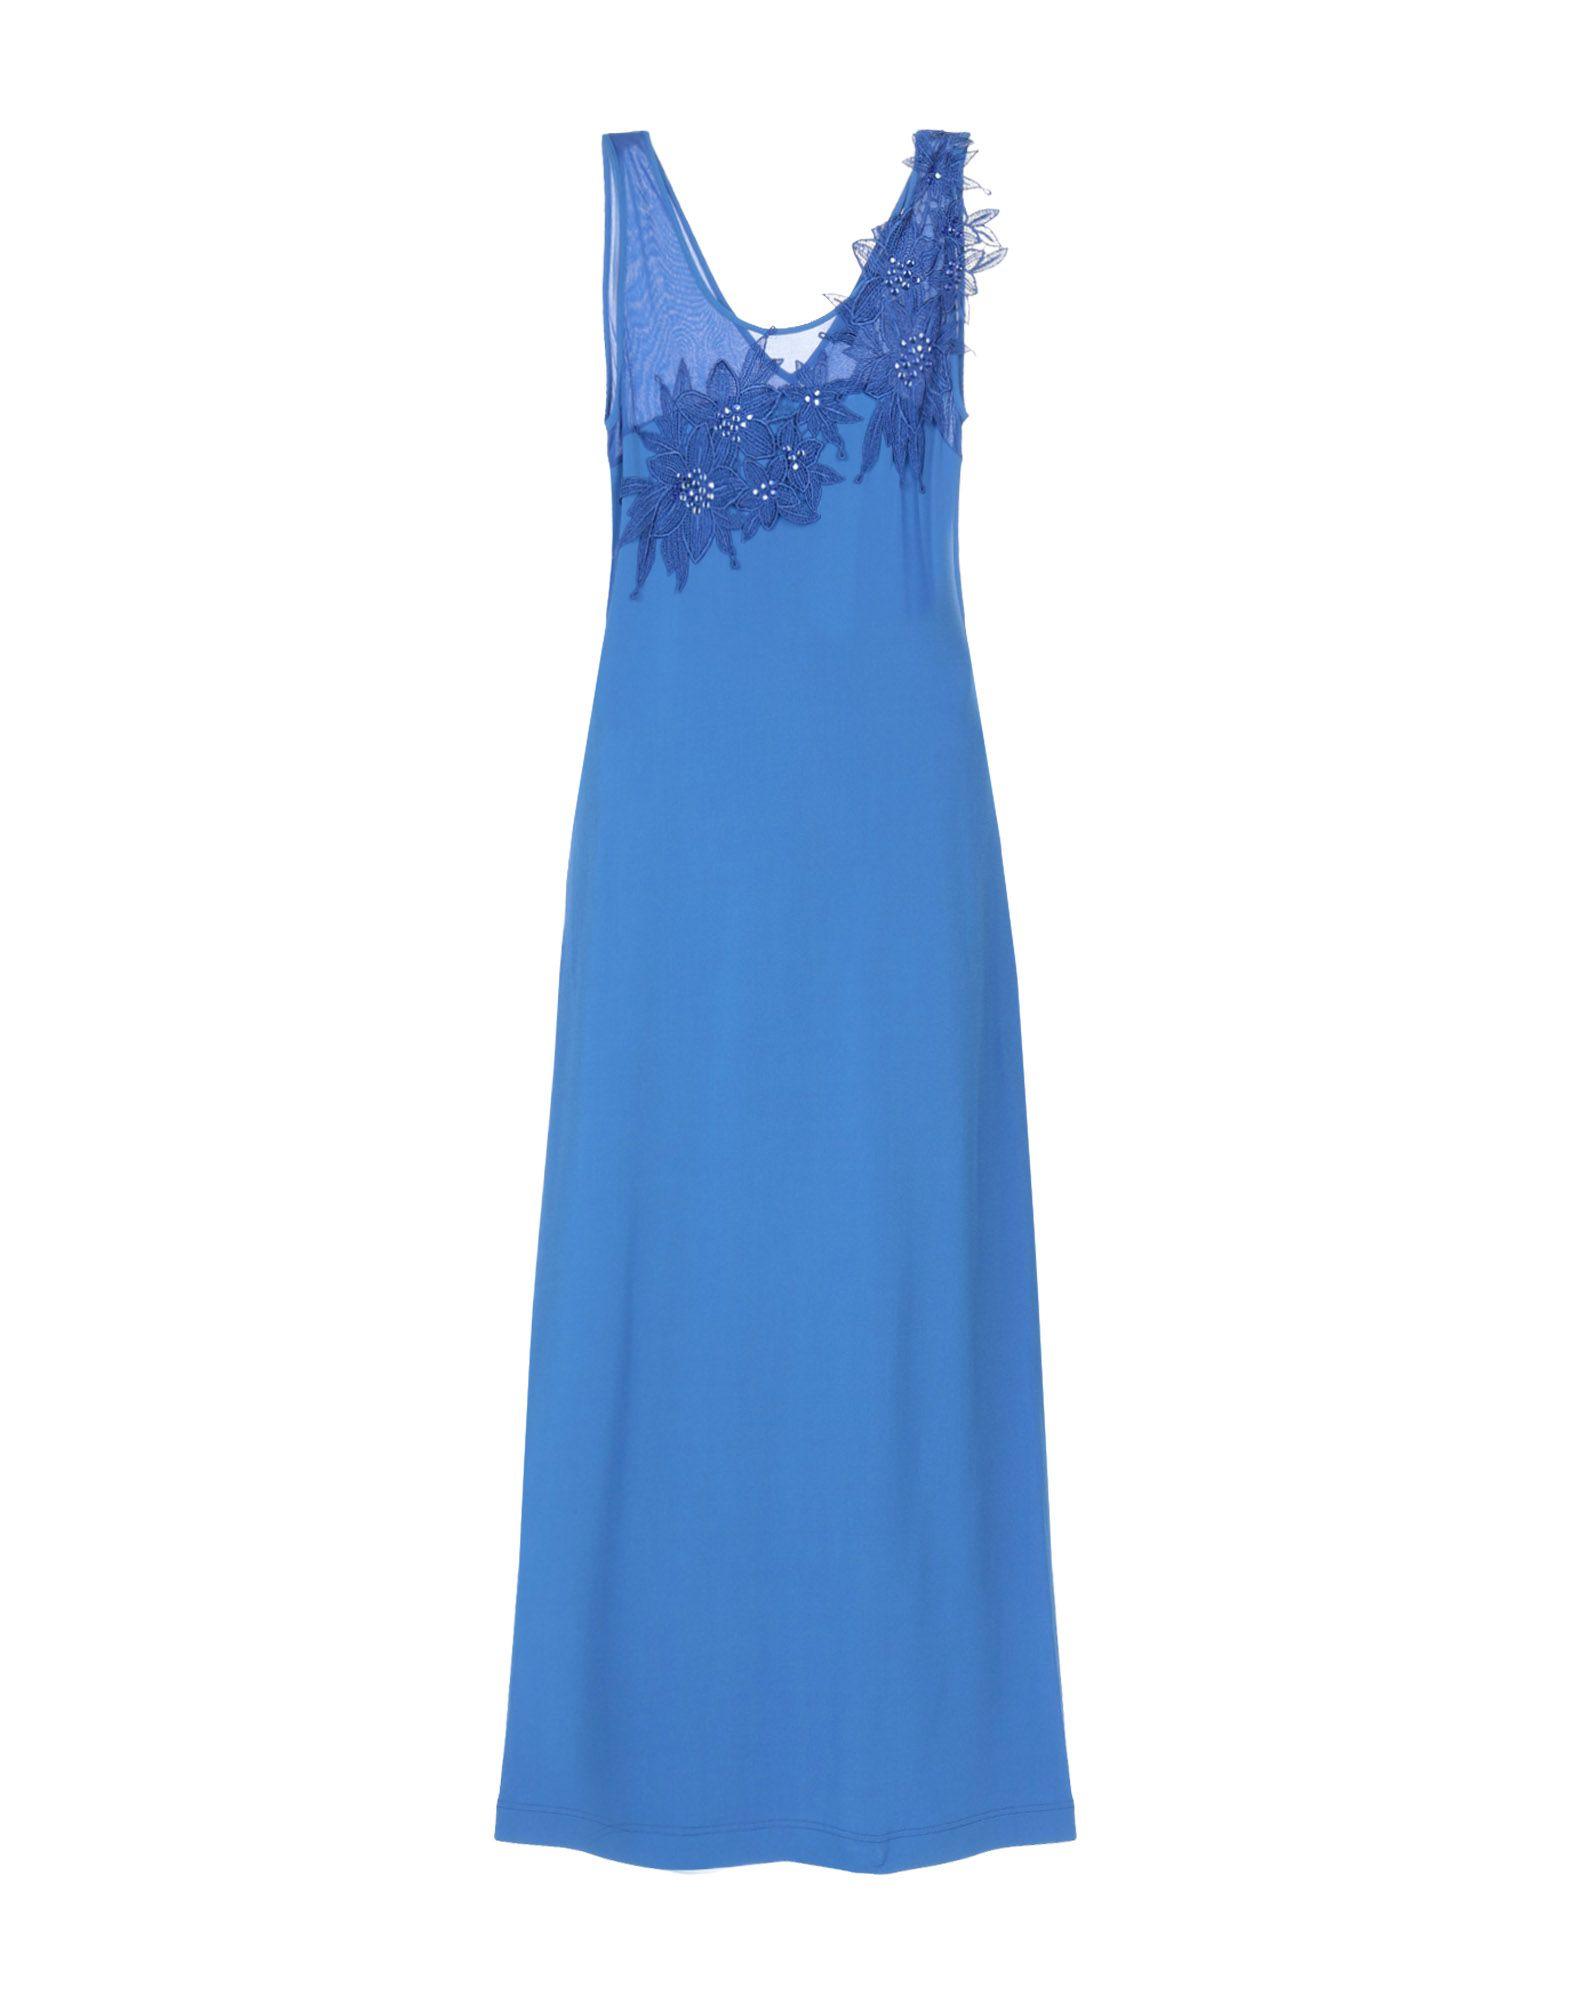 《セール開催中》MARTA PALMIERI レディース ロングワンピース&ドレス ブルー 44 80% レーヨン 15% ナイロン 5% ポリウレタン